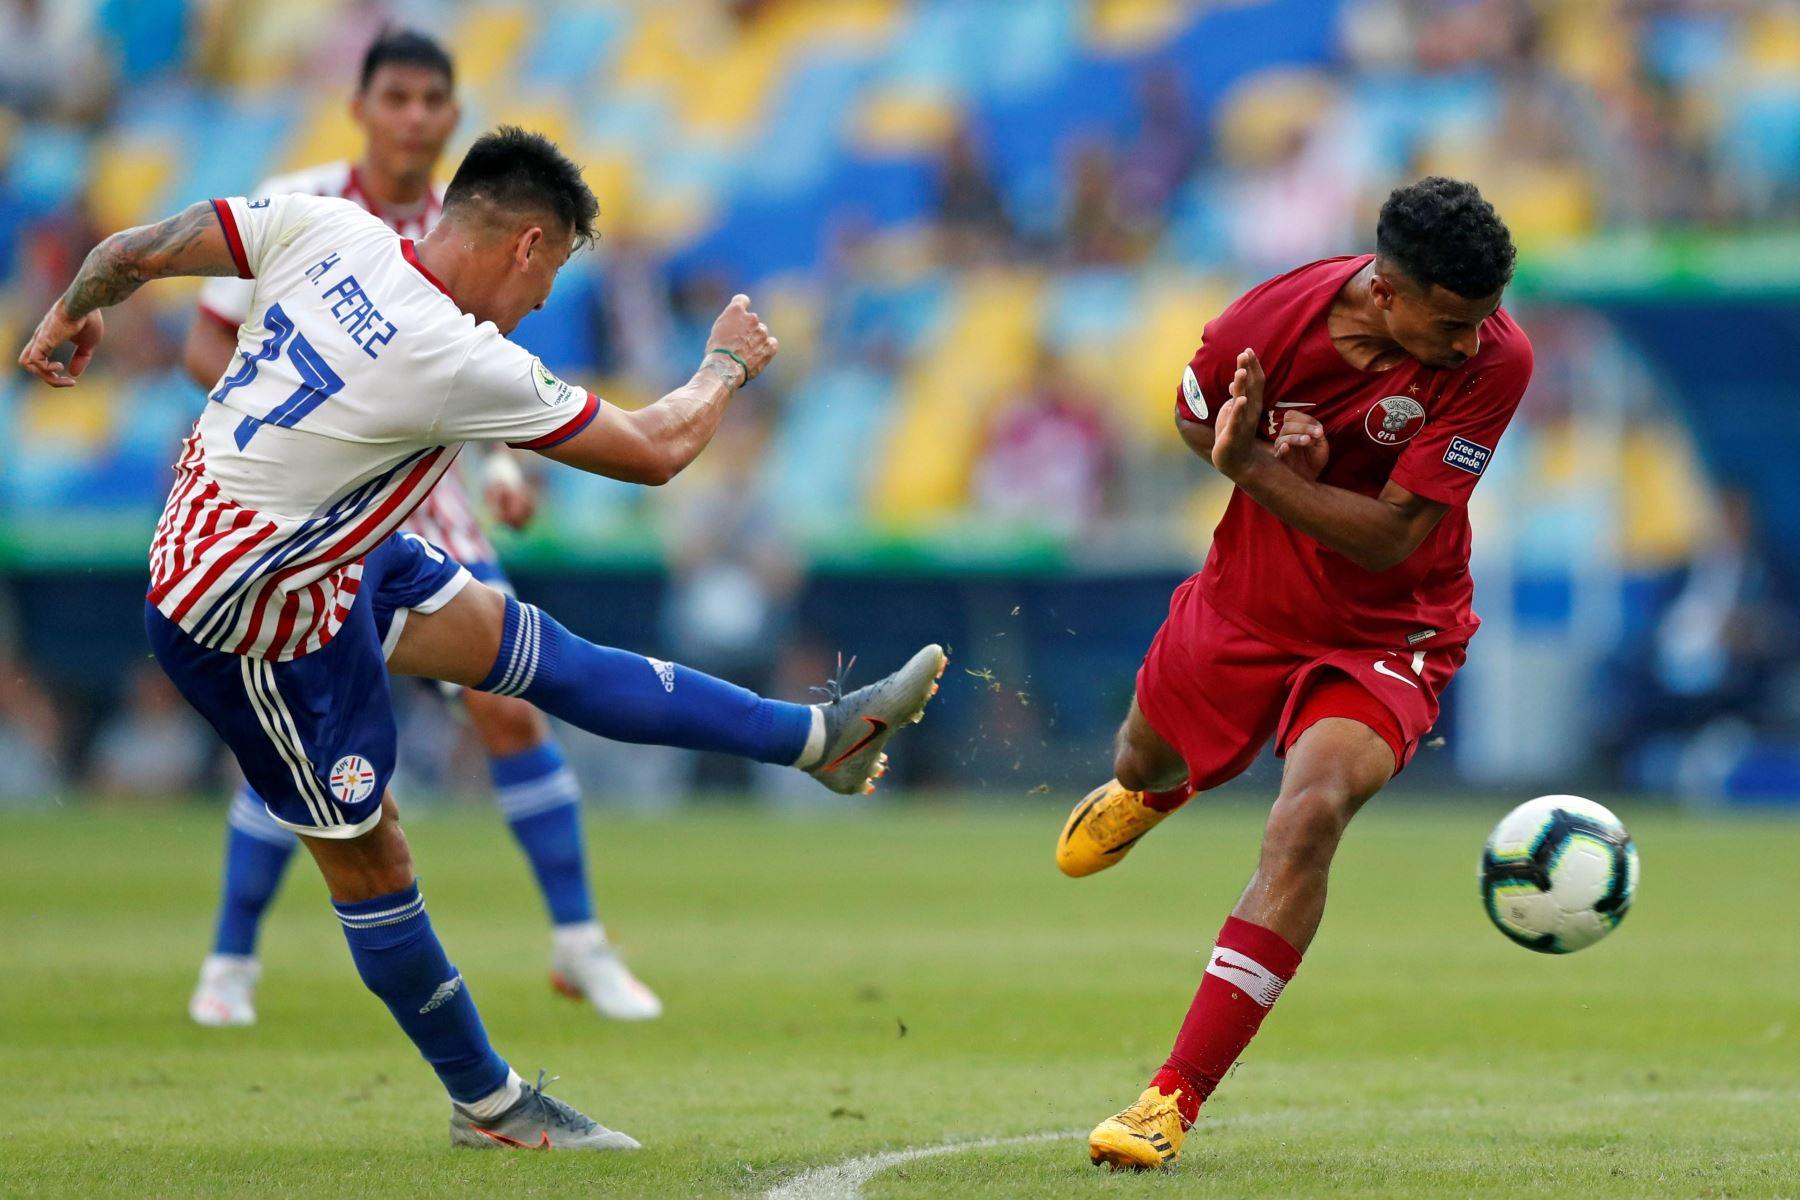 Celso Ortiz de Paraguay pelea un balón con Akram Afif de Catar durante el partido Paraguay-Catar del Grupo B de la Copa América de Fútbol 2019, en el Estadio Maracanã de Río de Janeiro en Brasil. Foto: AFP